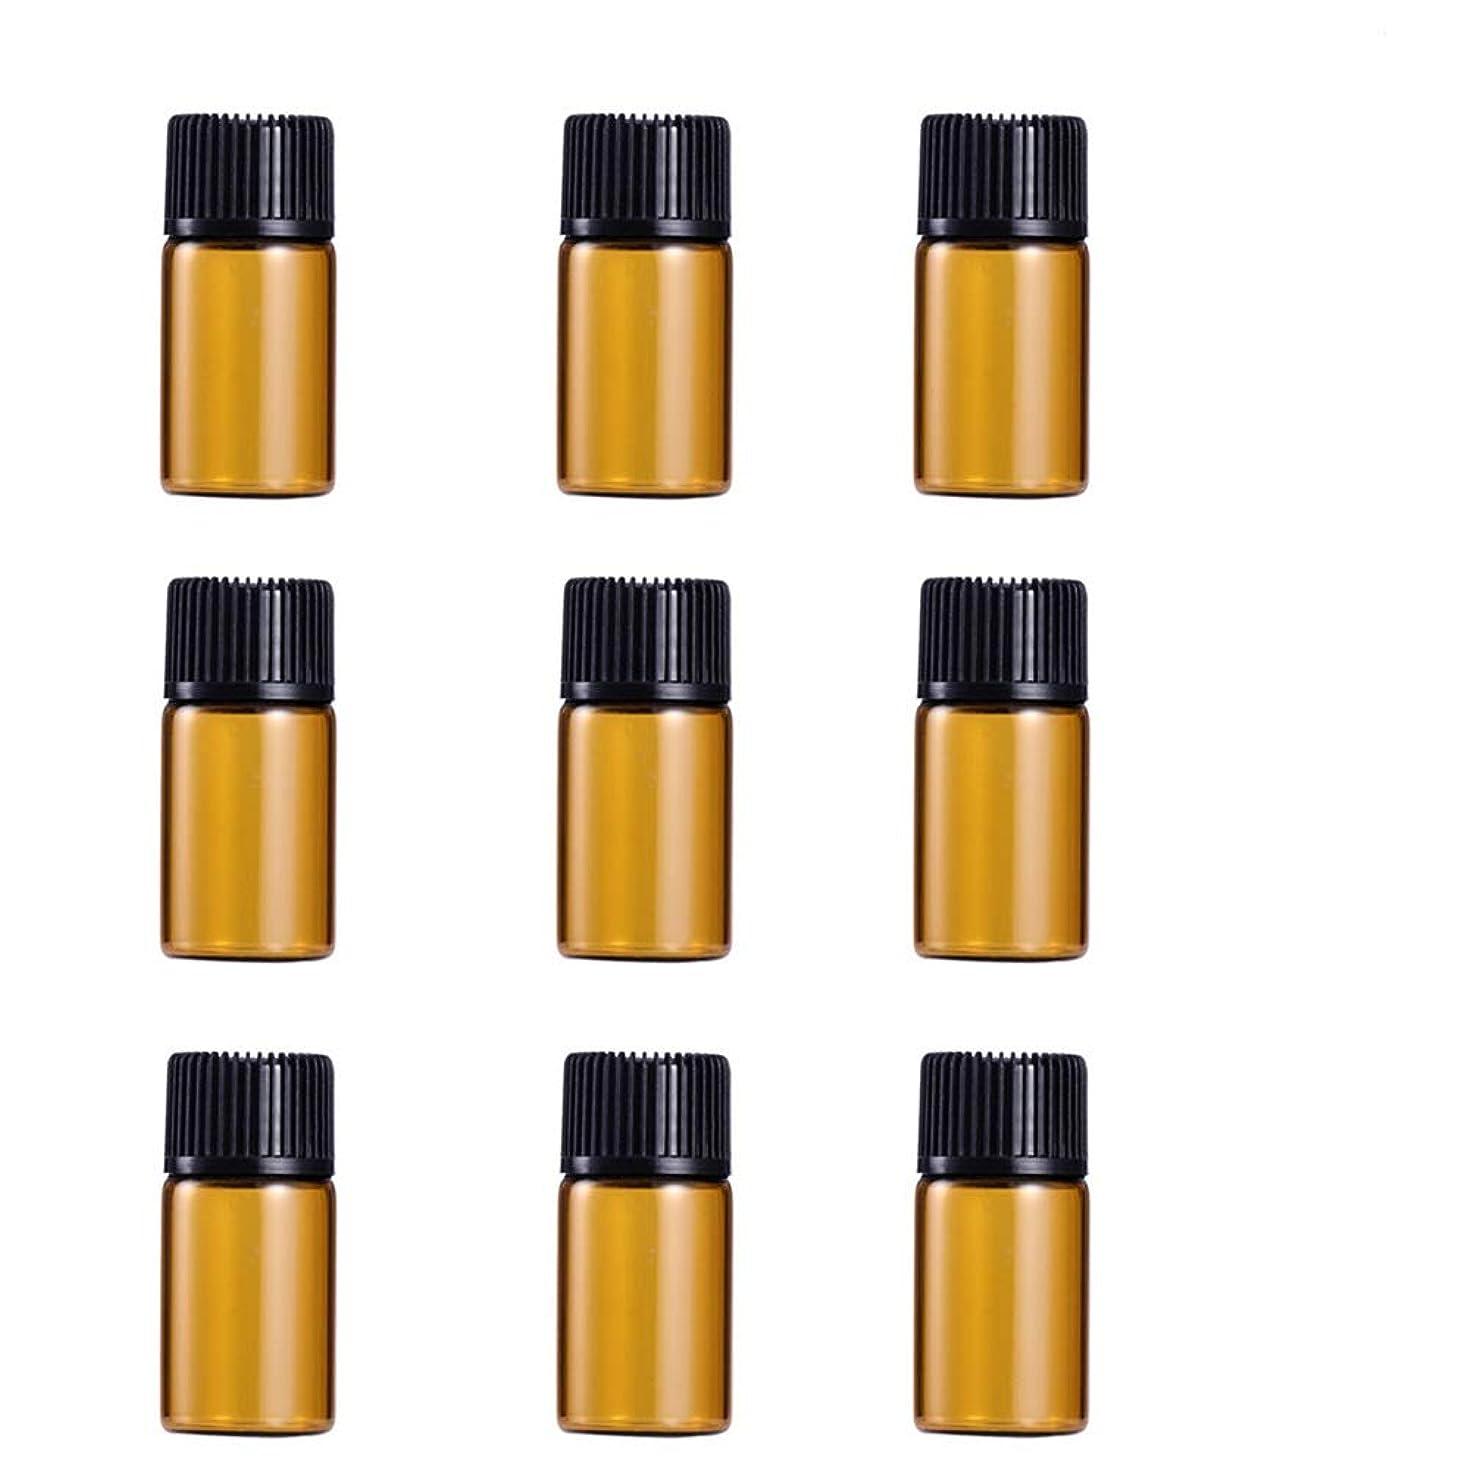 麻痺させる科学的ズボンWINOMO 遮光瓶 アロマオイル 精油 小分け用 遮光瓶セット アロマボトル 保存容器 エッセンシャルオイル 香水 保存用 詰替え ガラス 茶色(9個入り 3ml)